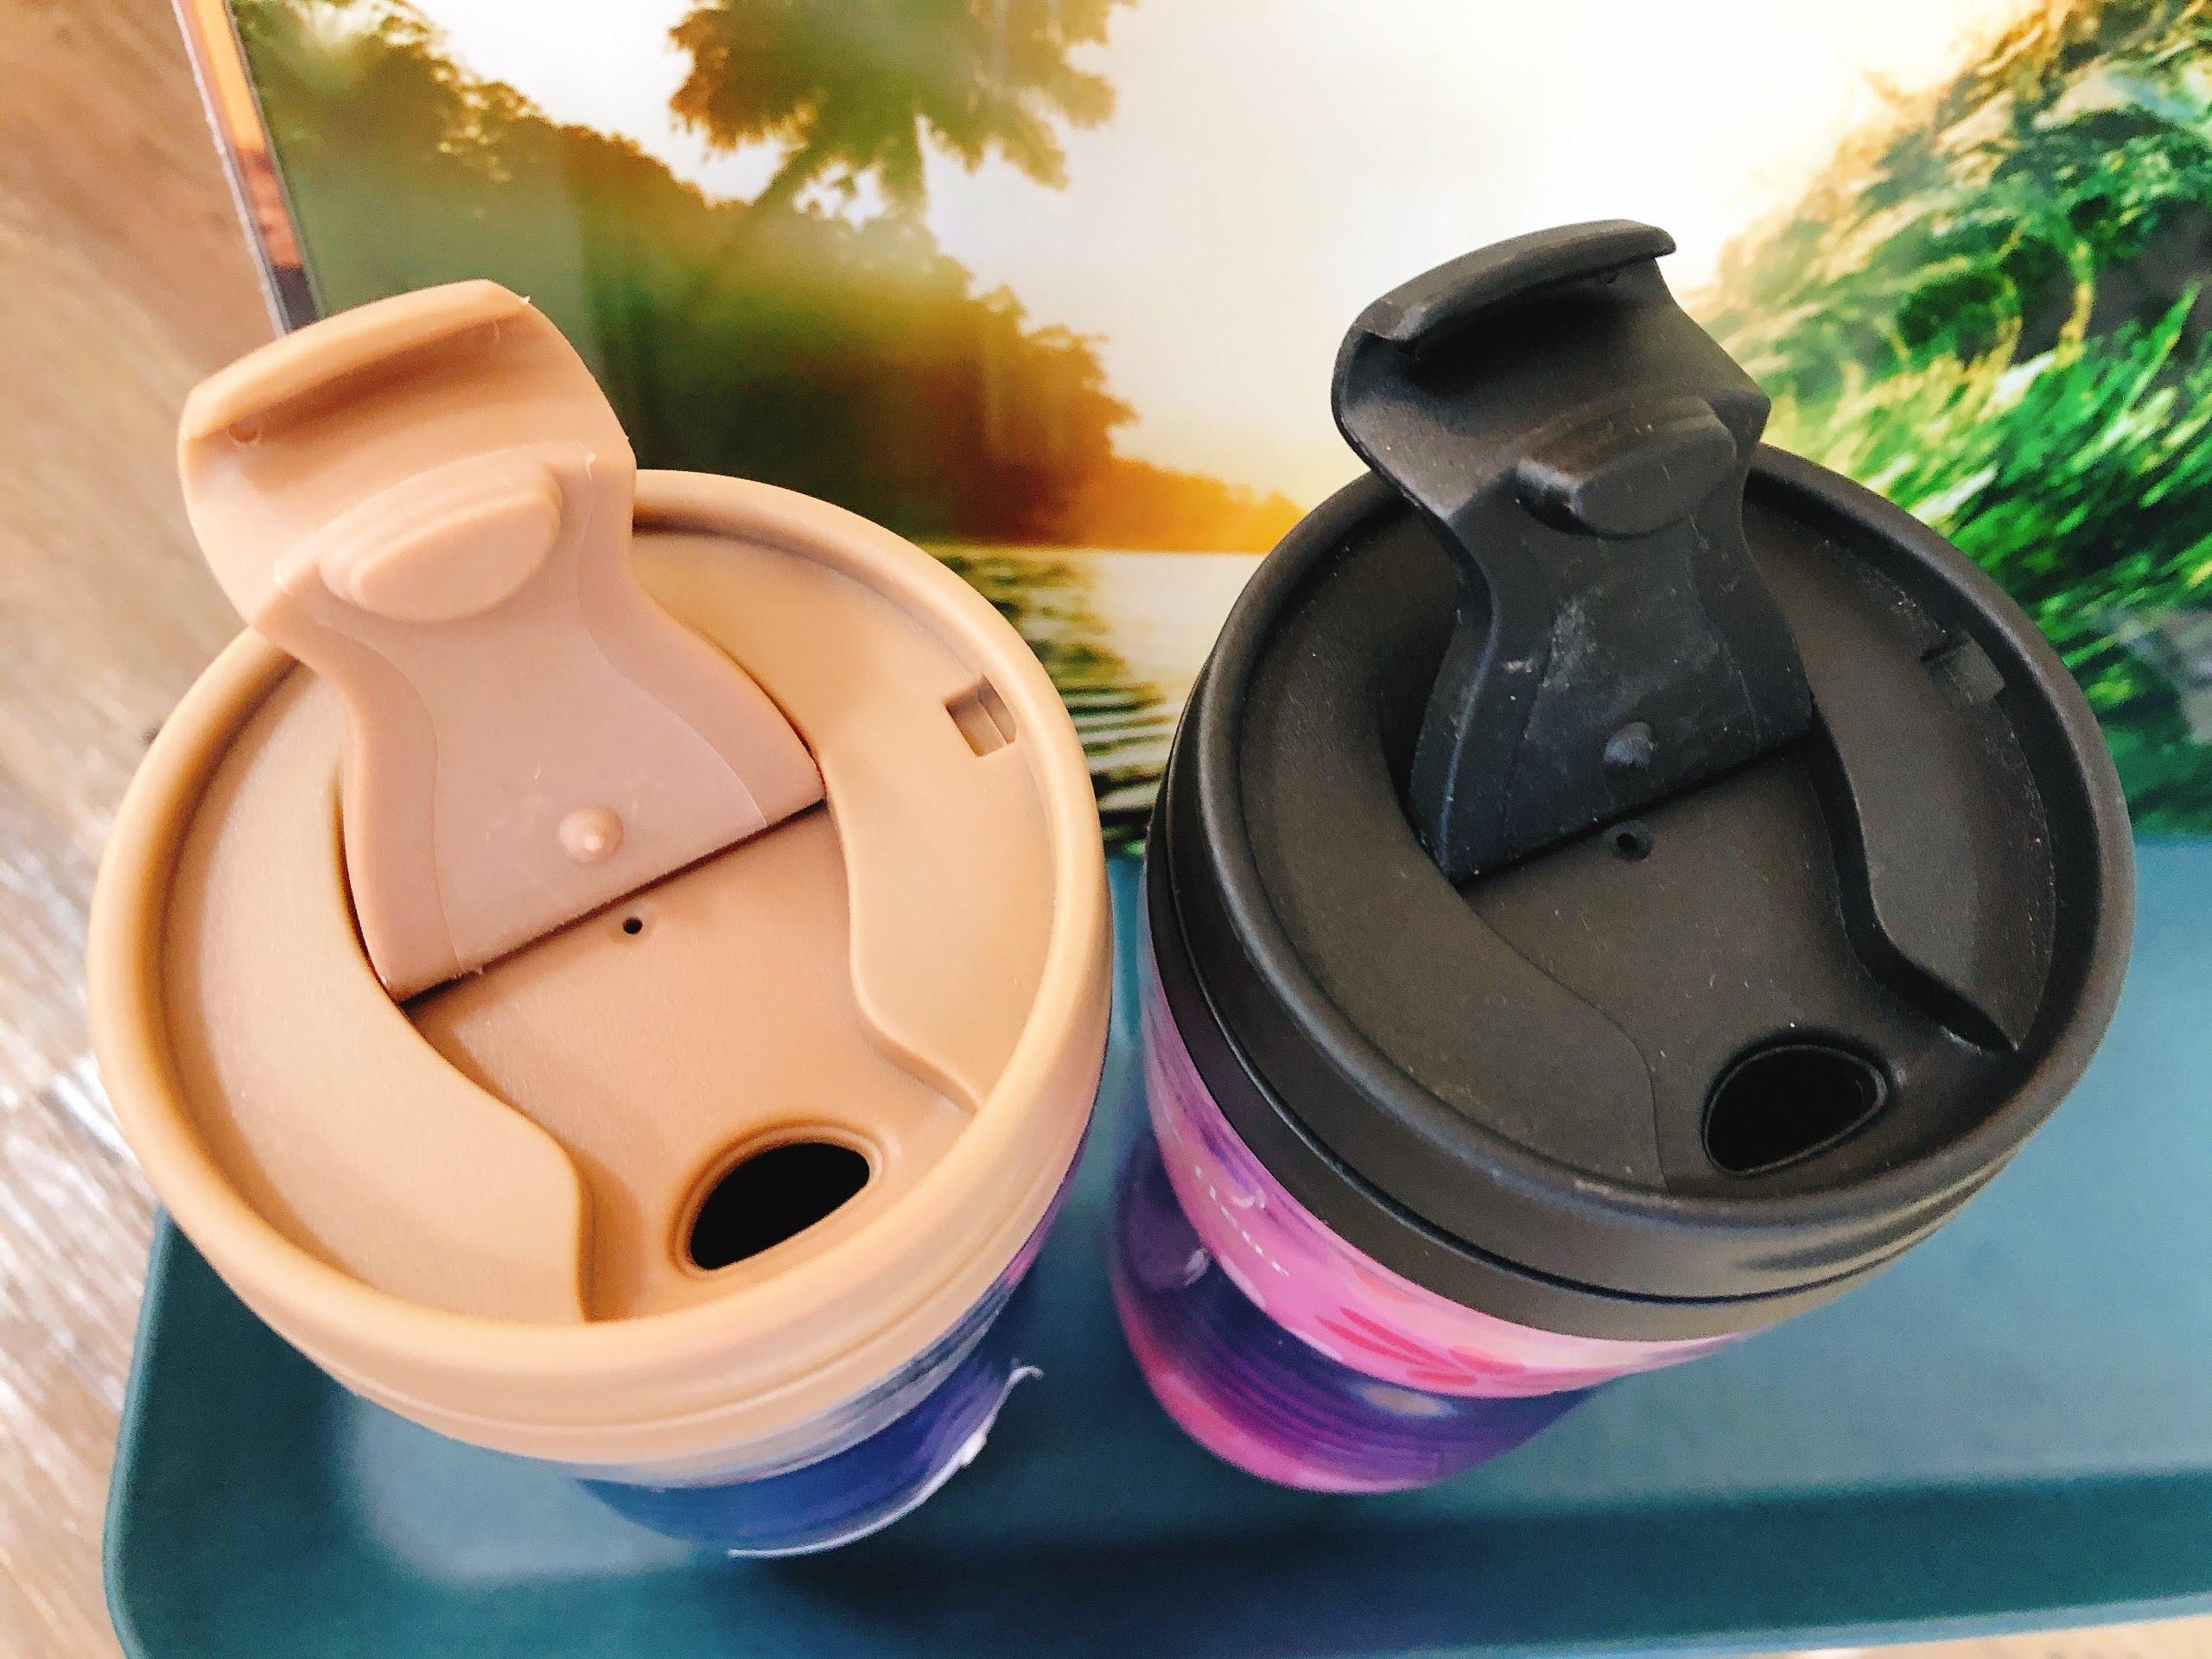 保温 保冷 二重構造ハンディ ボトル 商品入れ替えのための画像3